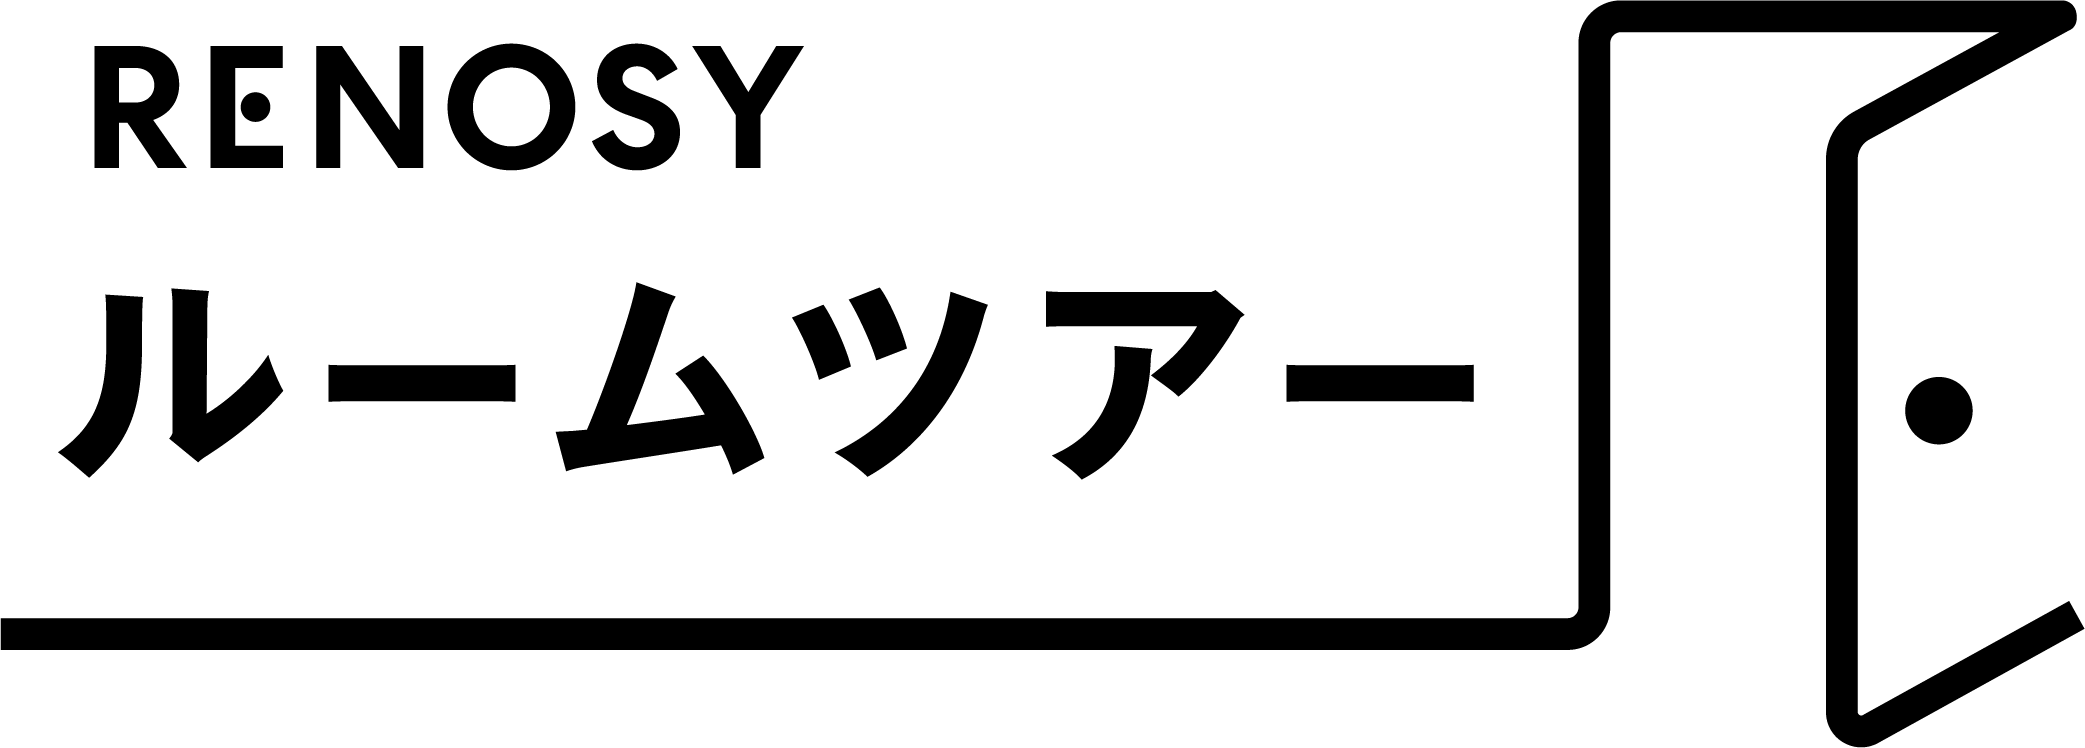 不動産体験のDXを加速、行かずに買える!YouTubeでマンション内見「RENOSY ルームツアー」提供開始